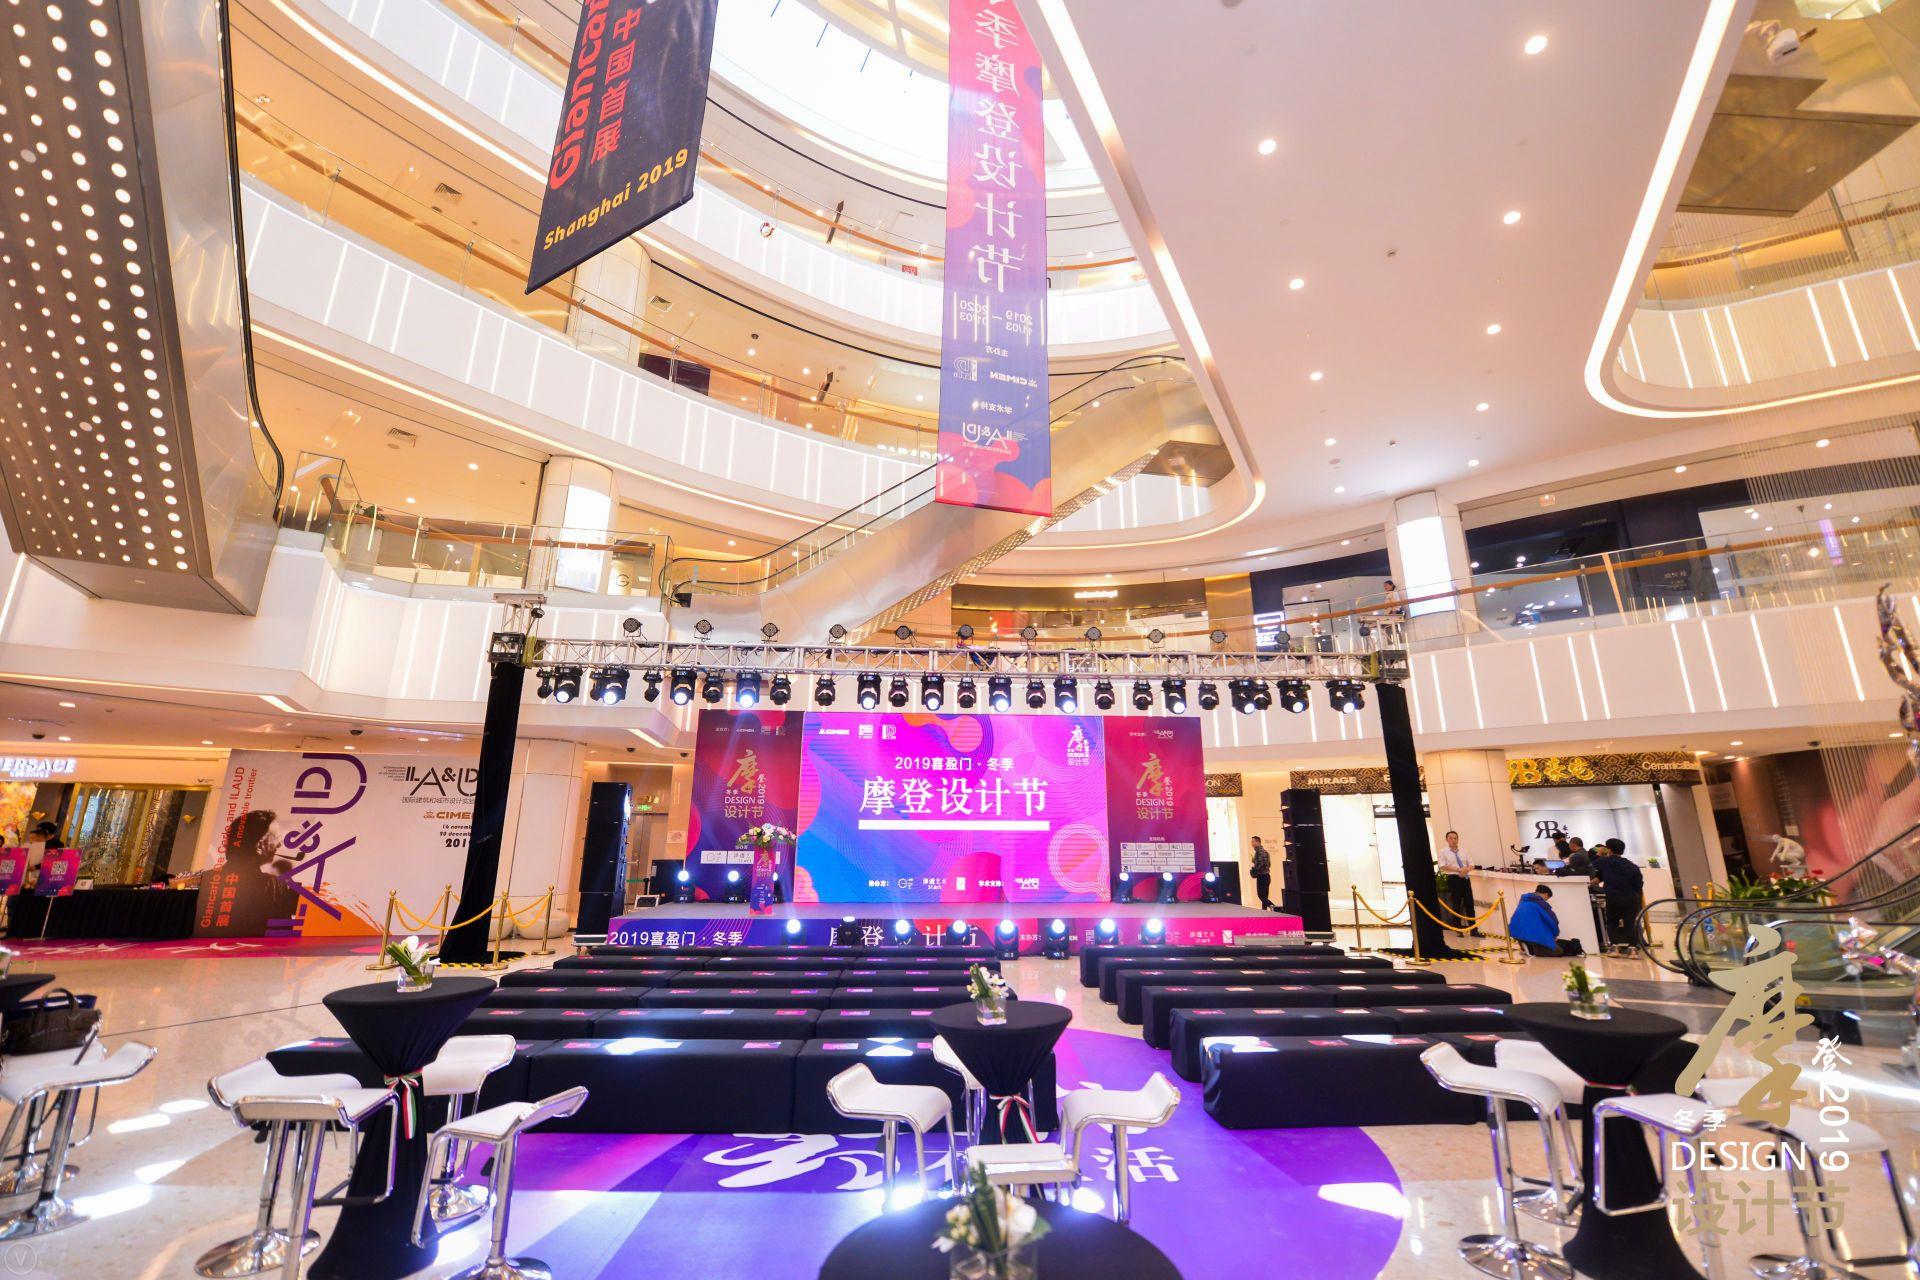 2019喜盈门·冬季摩登设计节盛大开幕!